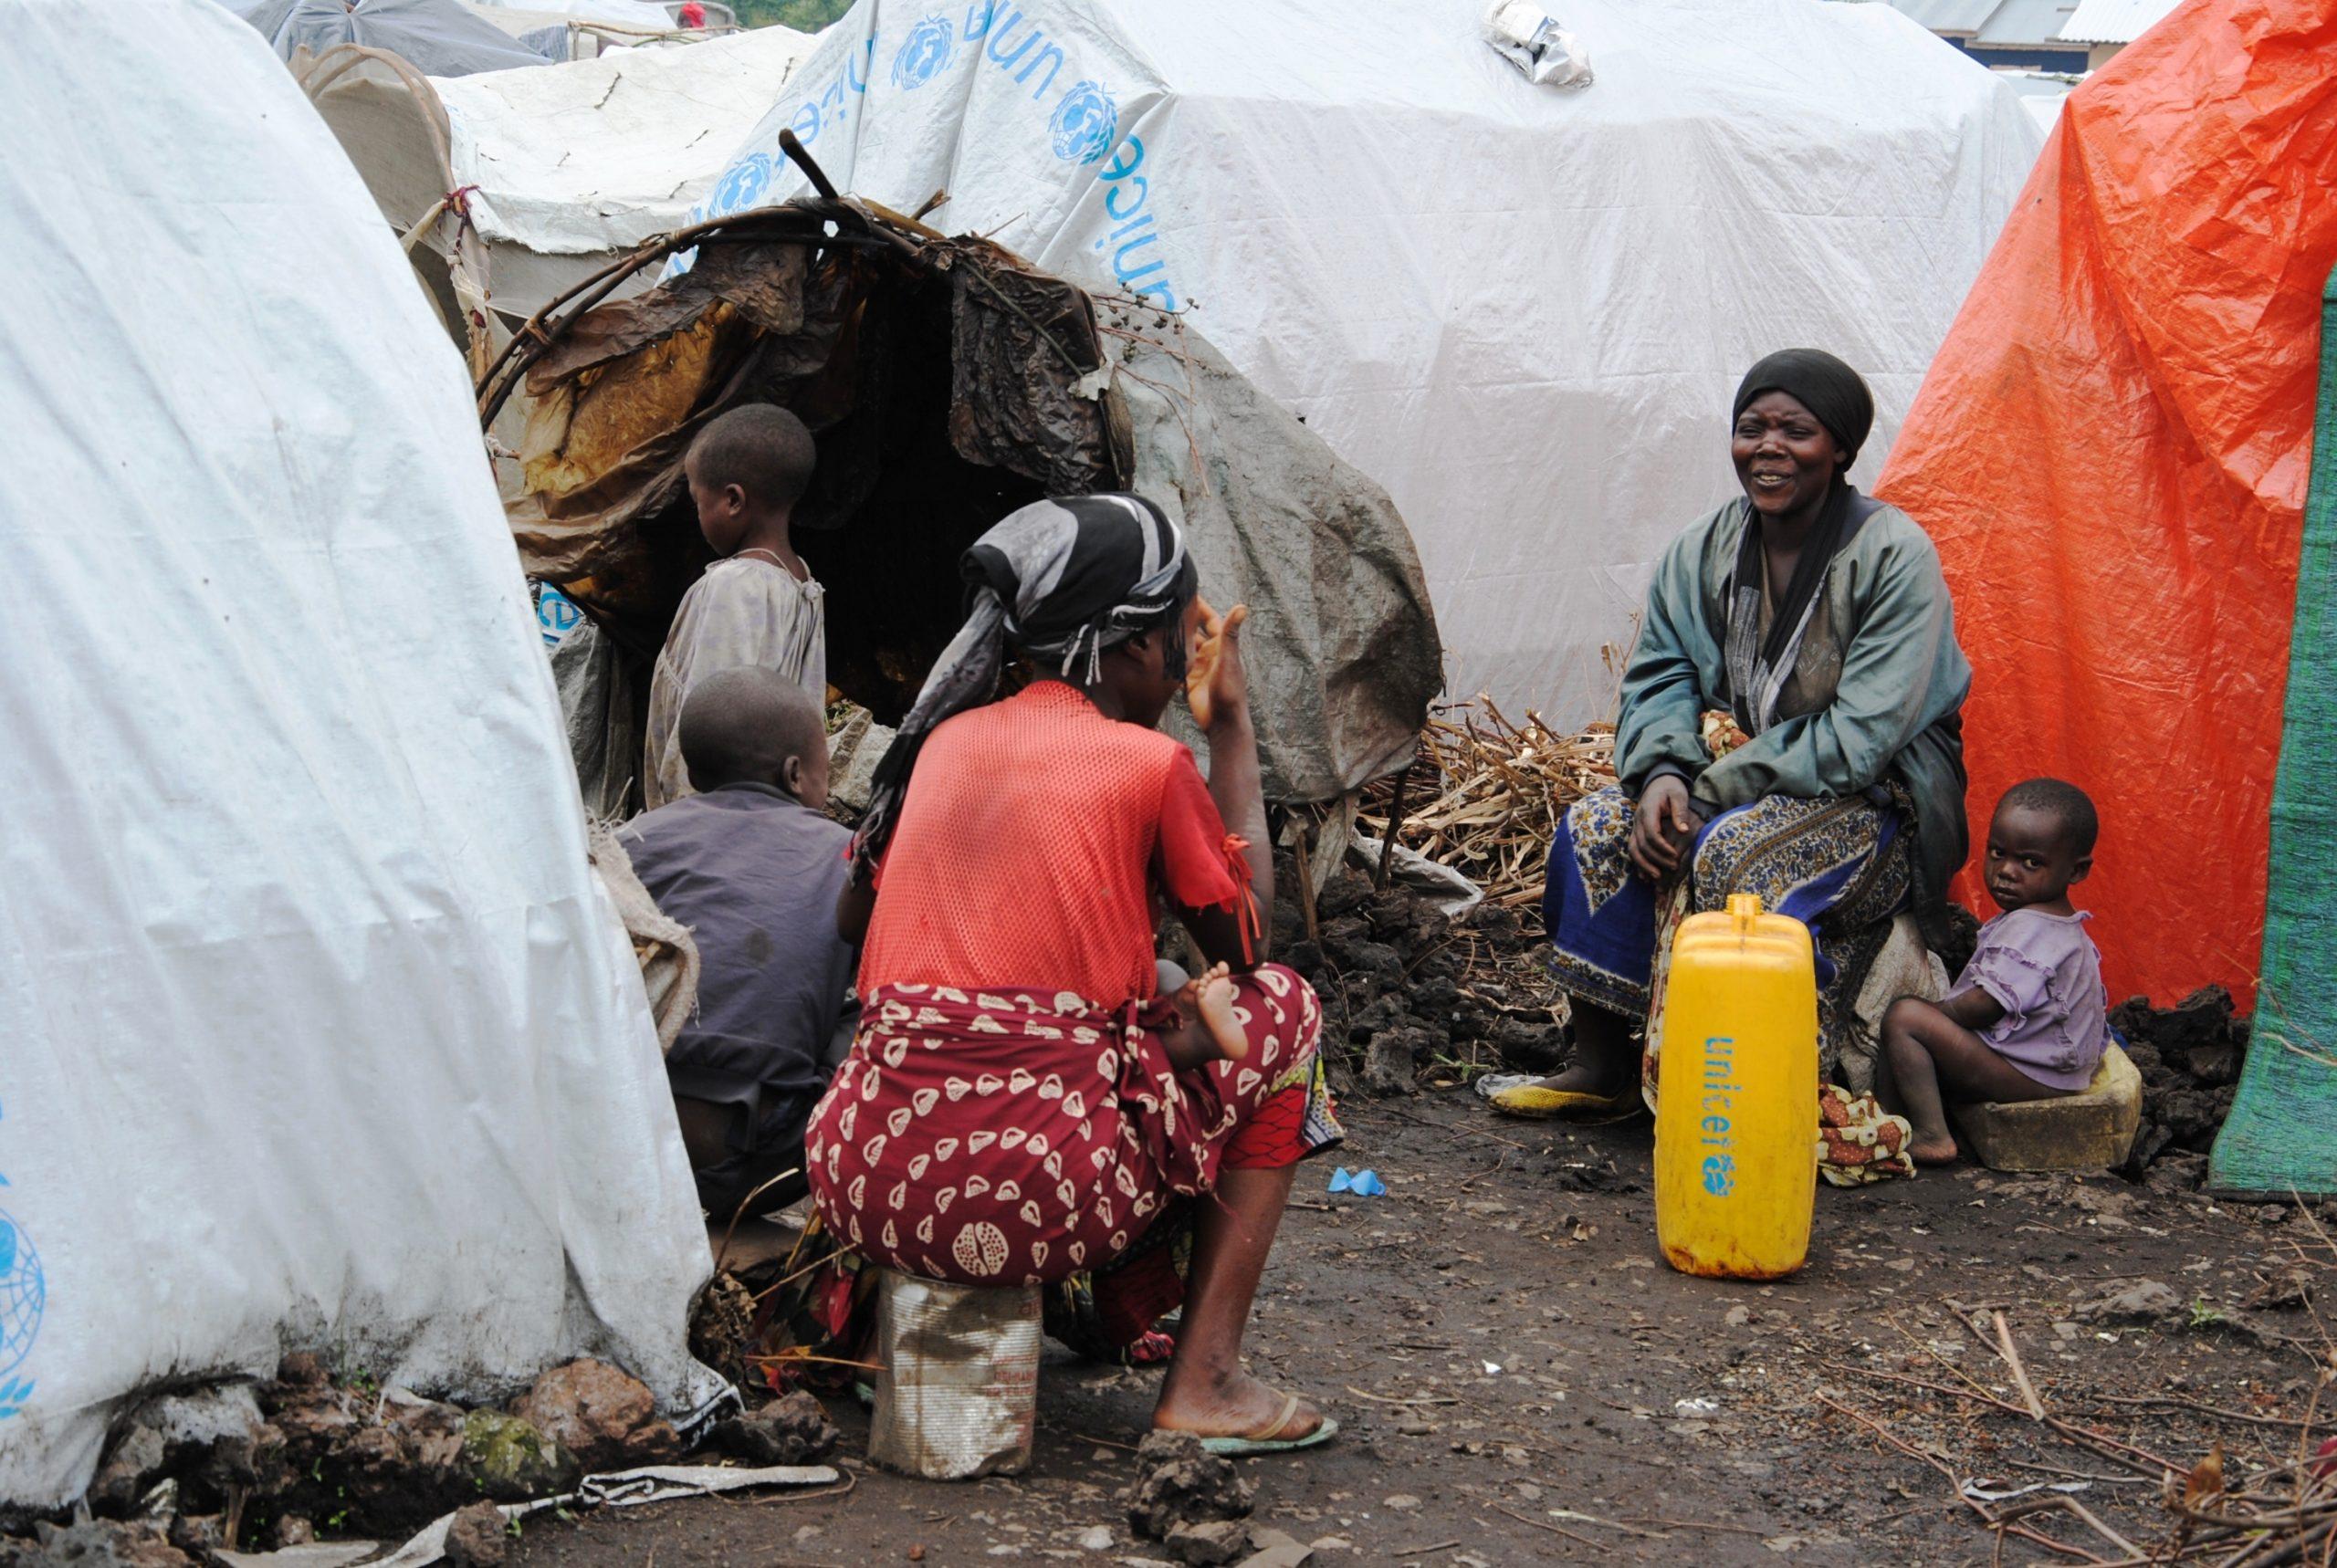 Kresťania v Kongu žili už pred pandémiou covid-19 v zlých podmienkach